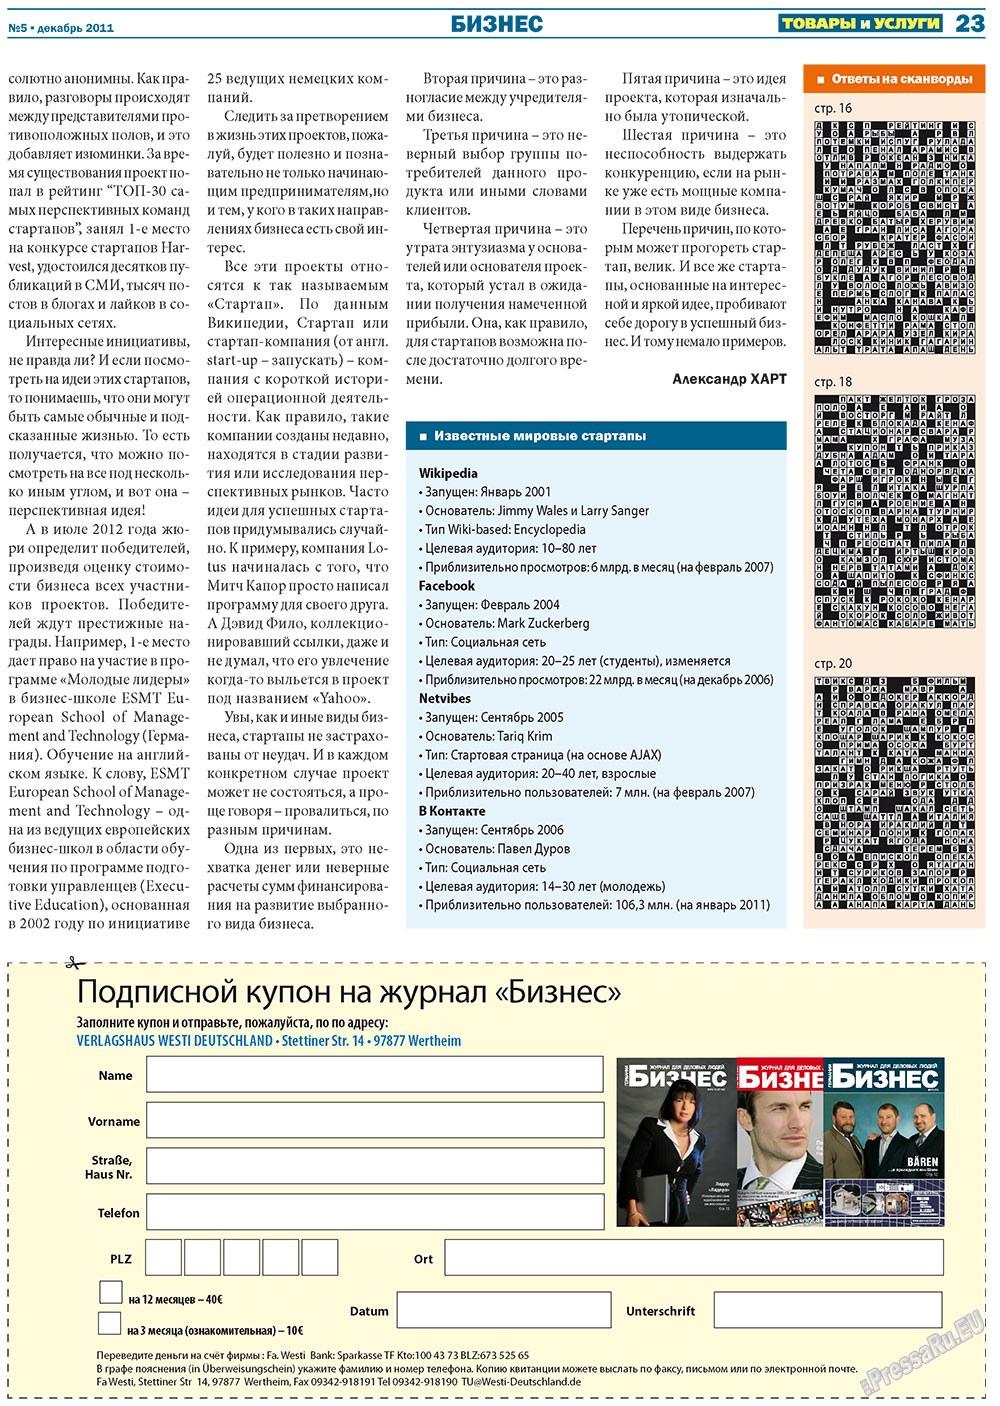 Товары и услуги (газета). 2011 год, номер 5, стр. 23